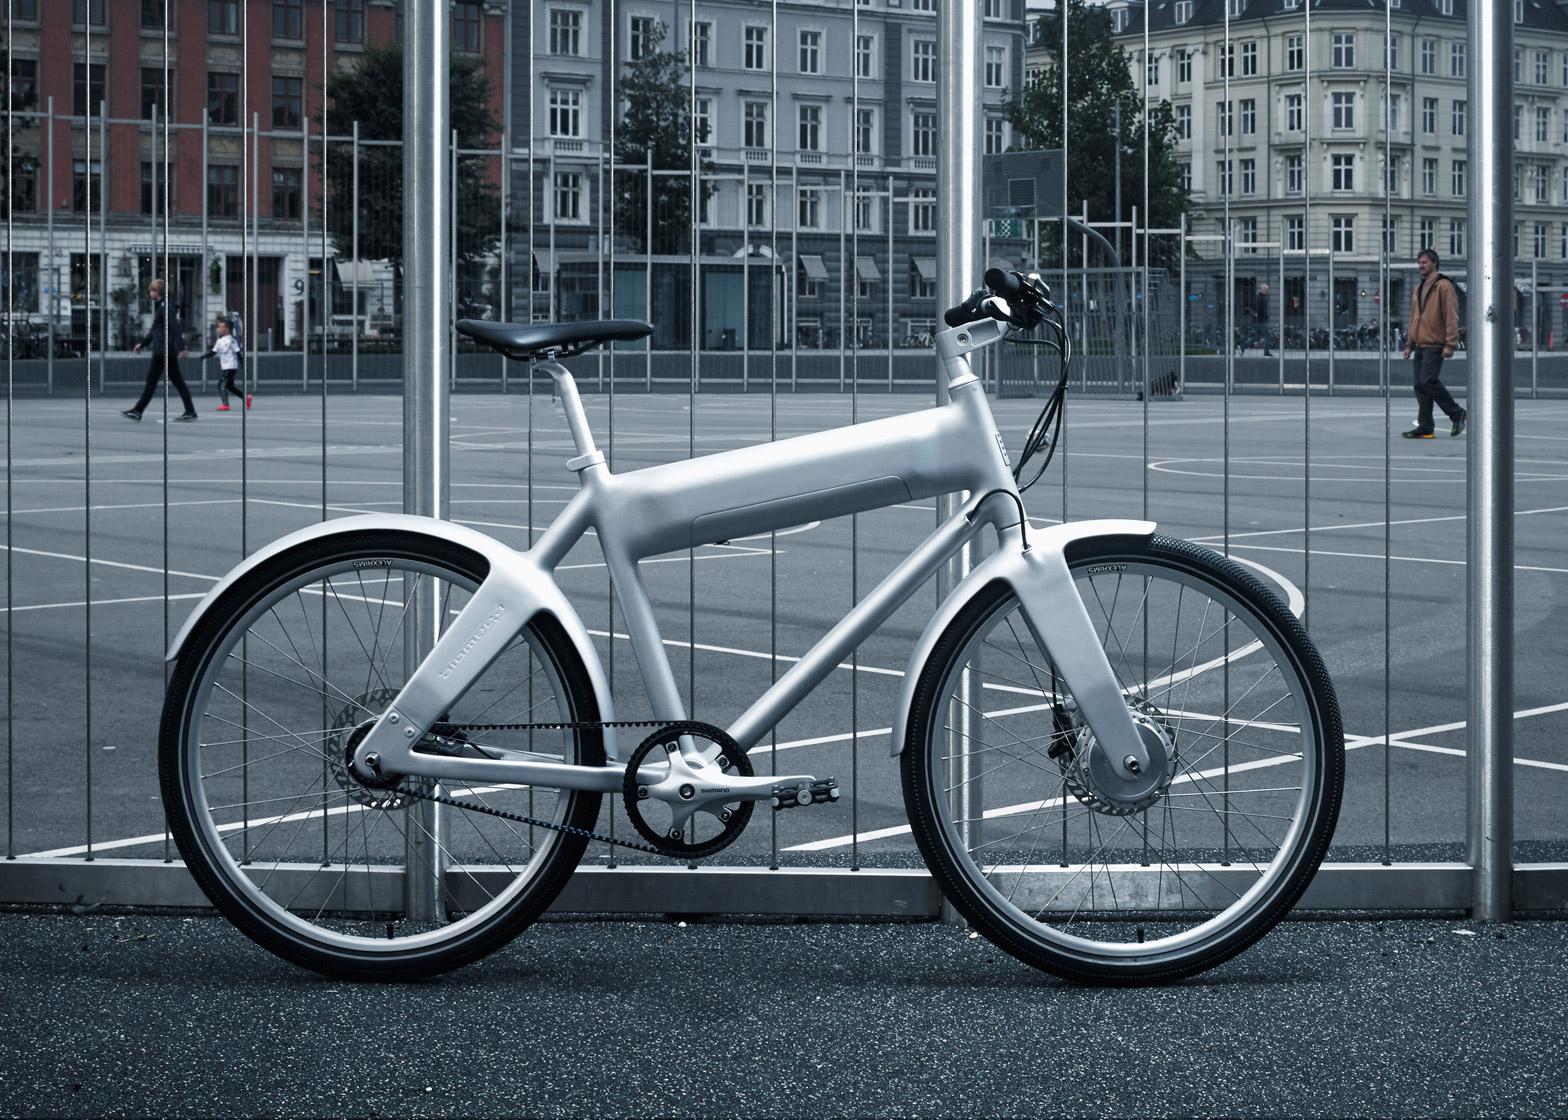 OKO bike by KiBiSi